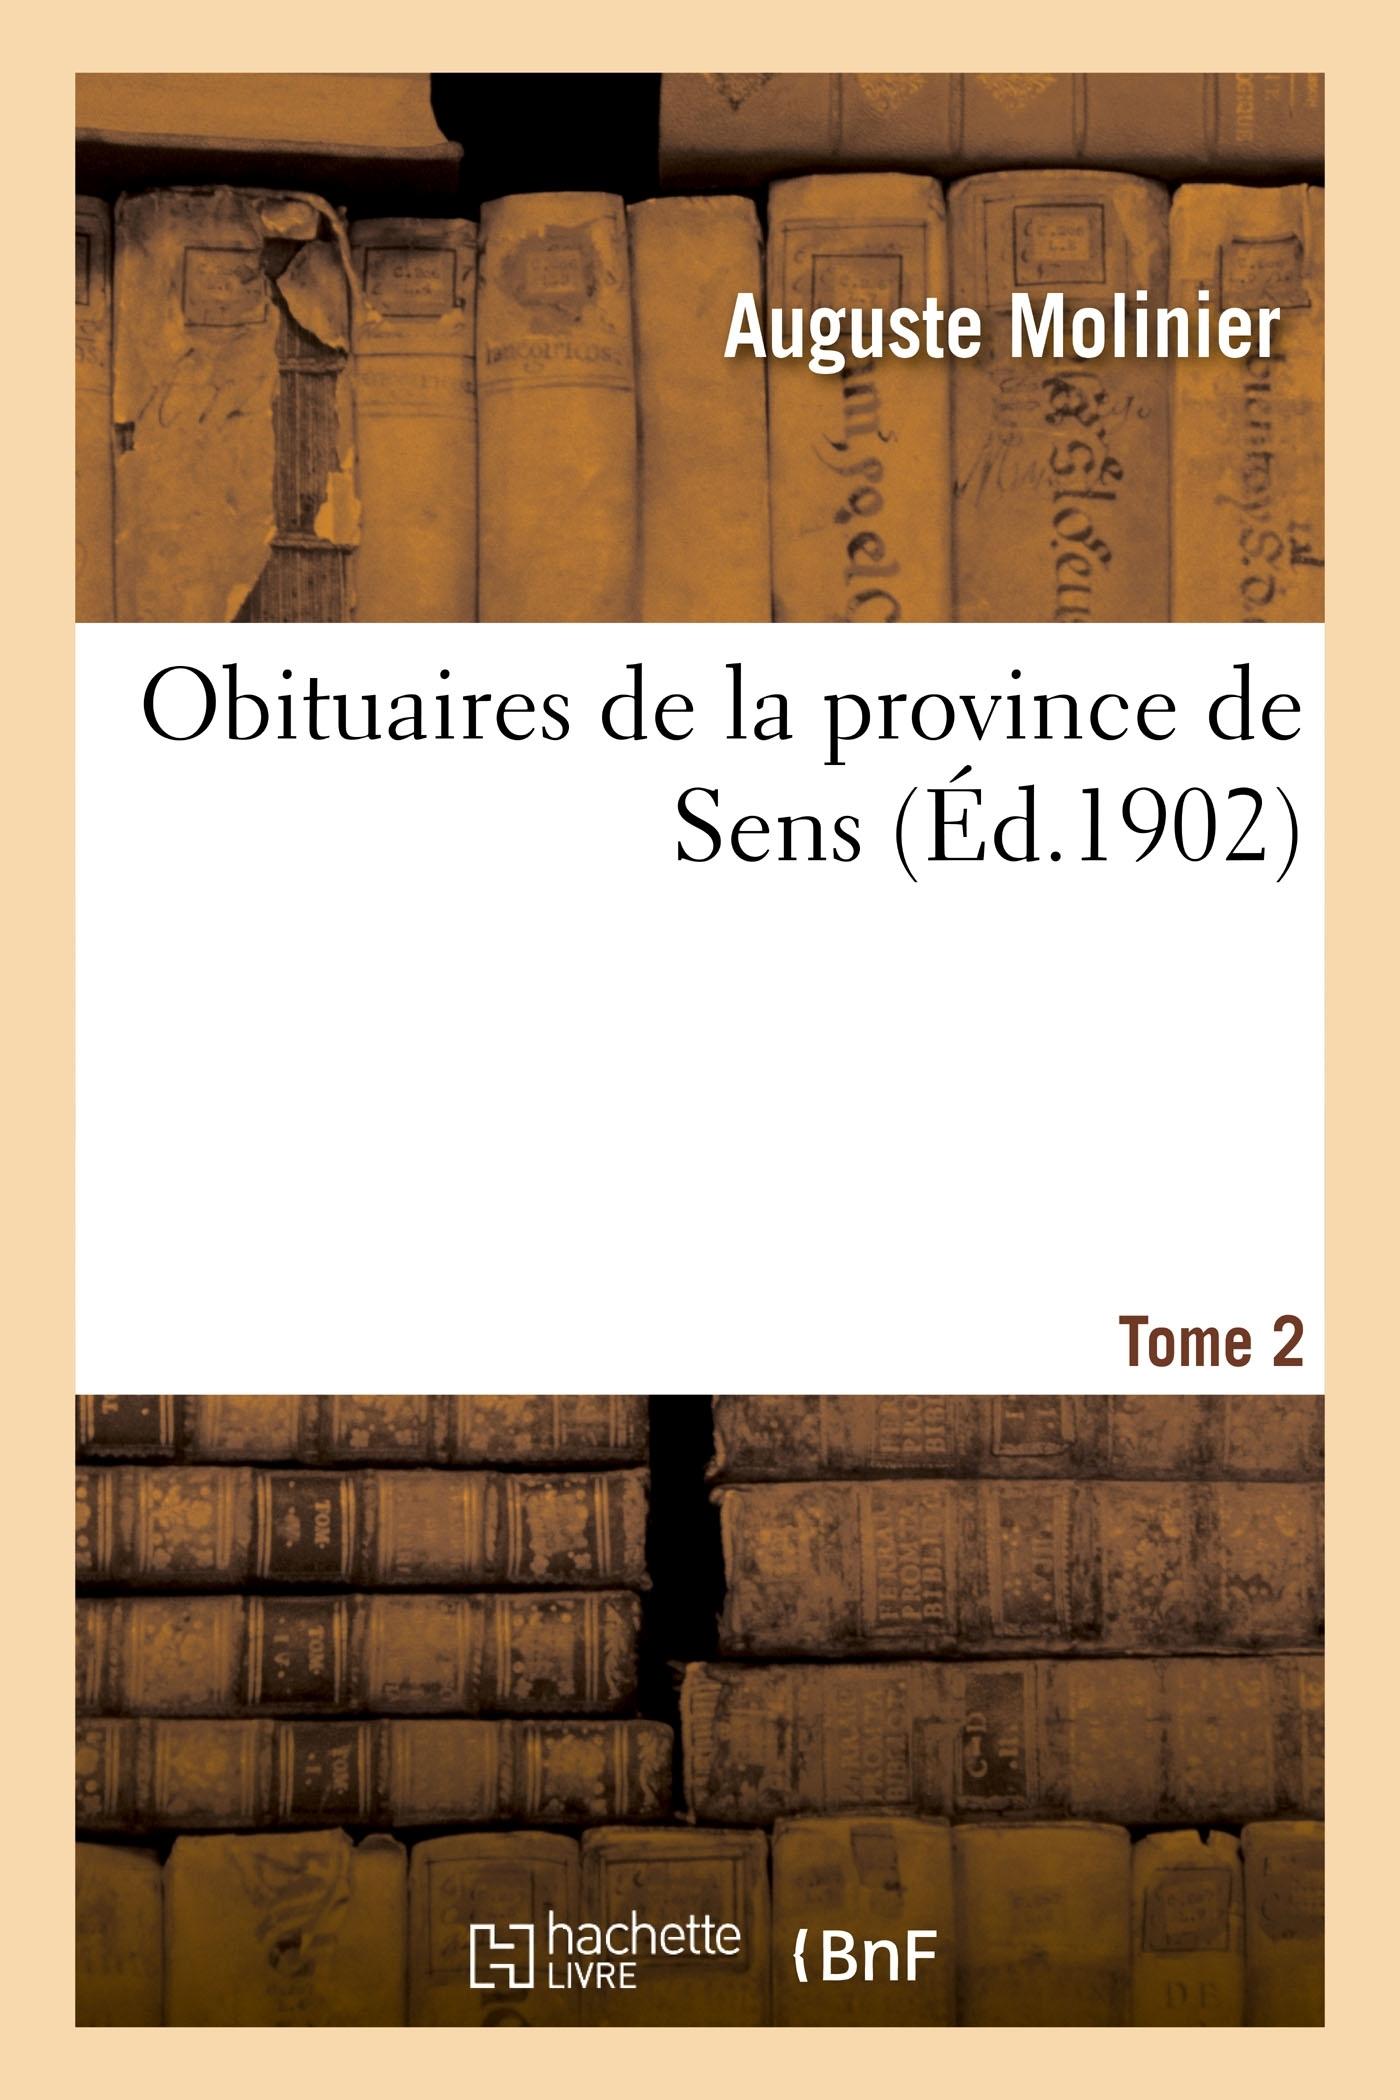 OBITUAIRES DE LA PROVINCE DE SENS. TOME 2